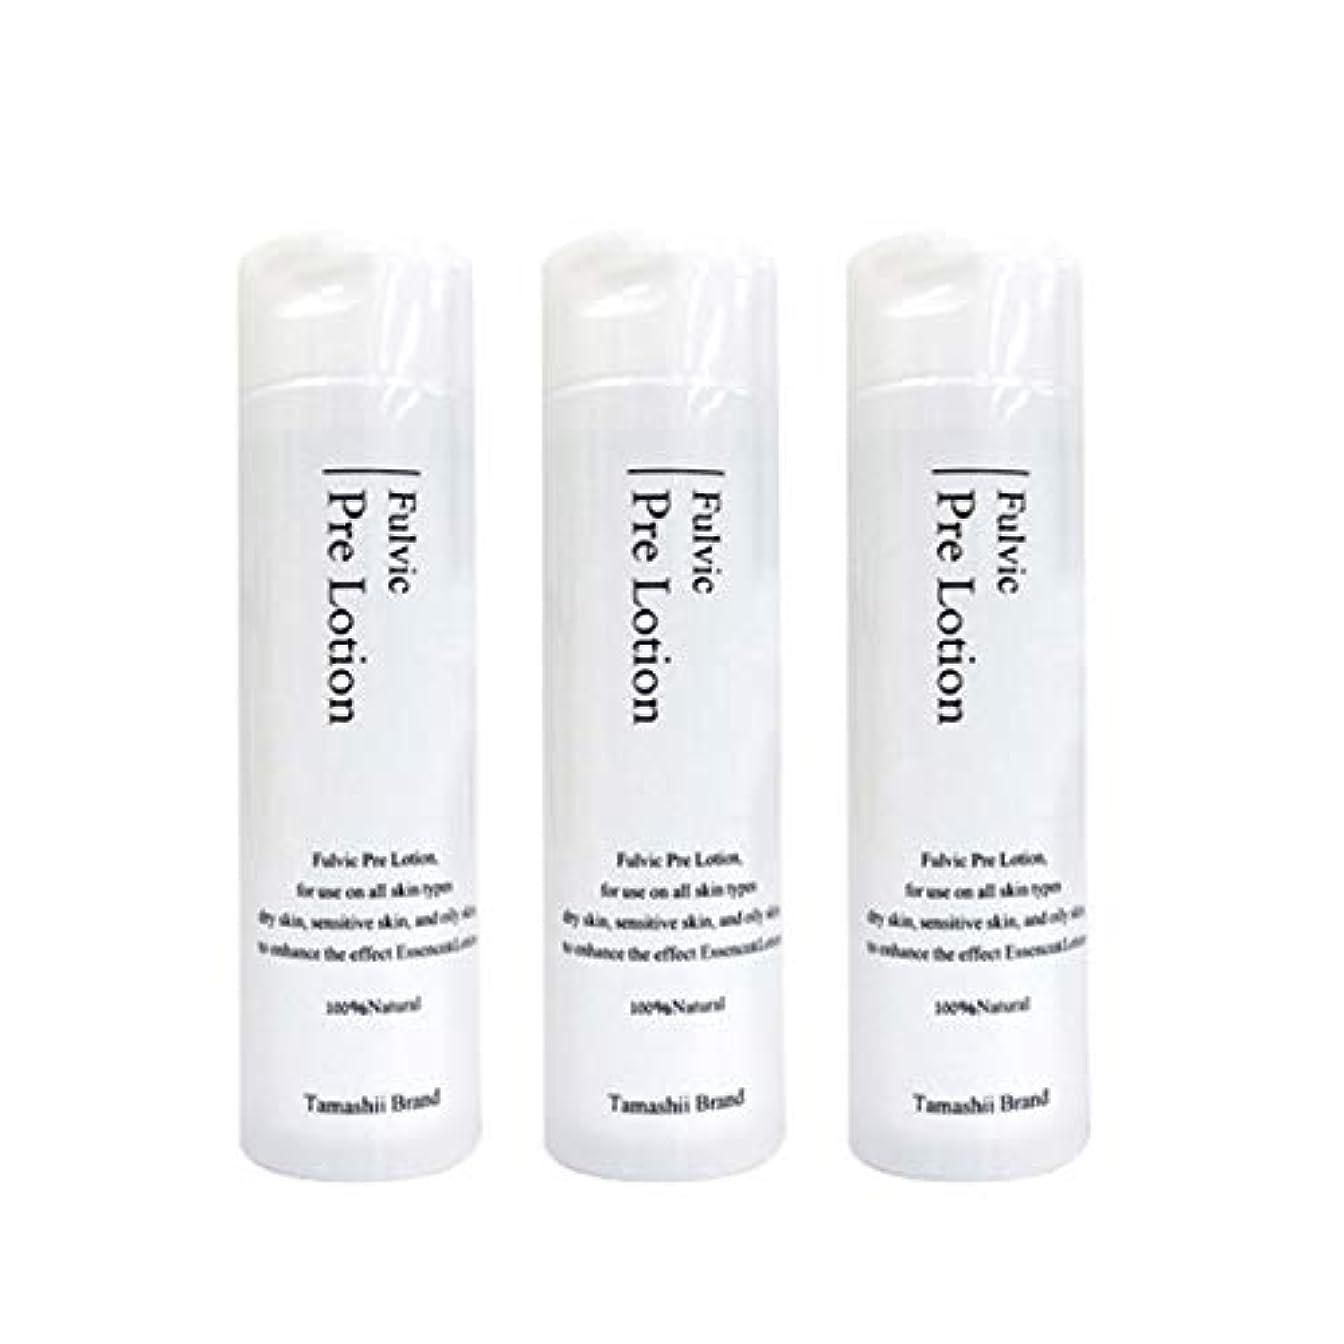 味わうビット素朴なプレ化粧水フルボ200ml(無香料)3本セット 無添加ふき取りプレ化粧水 界面活性剤?ポリマー?エタノール不使用